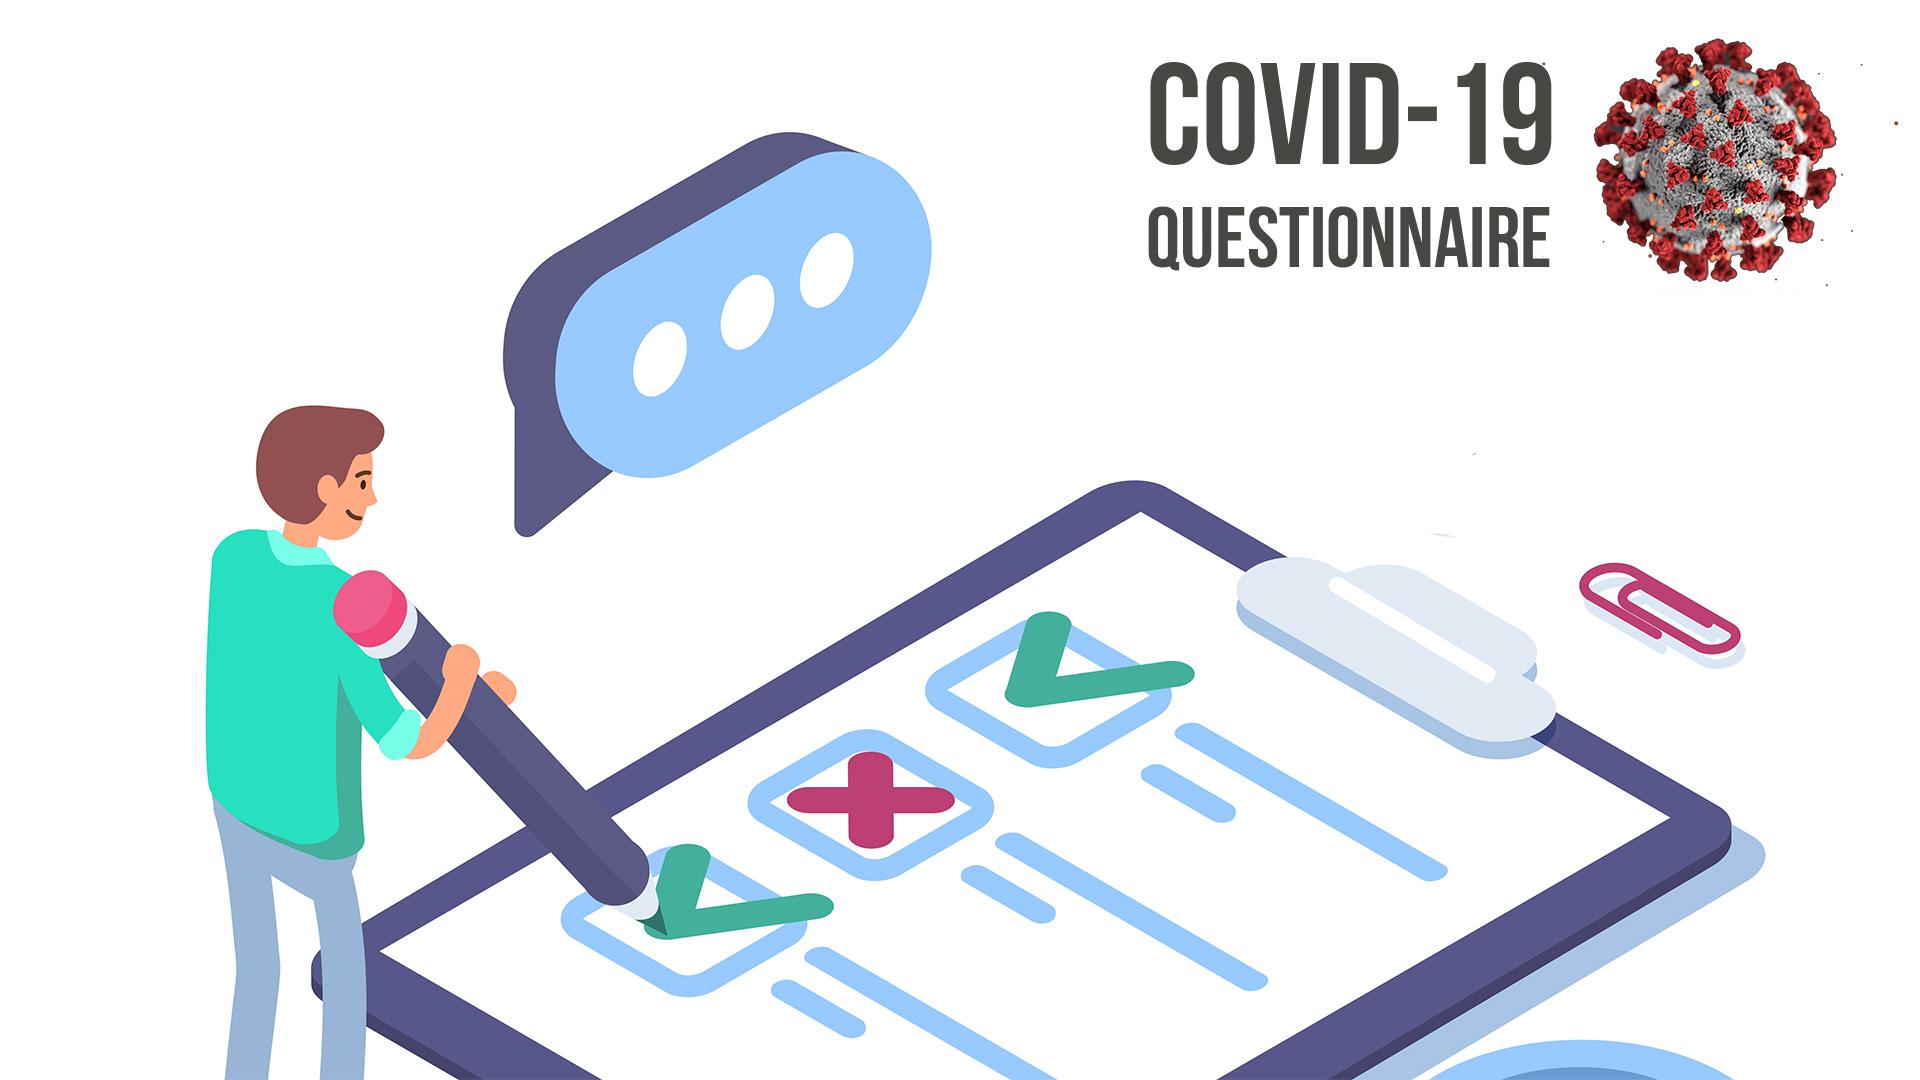 Covid-19 : le questionnaire de Convergence Infirmière, pour relayer vos problématiques et améliorer vos conditions d'exercice